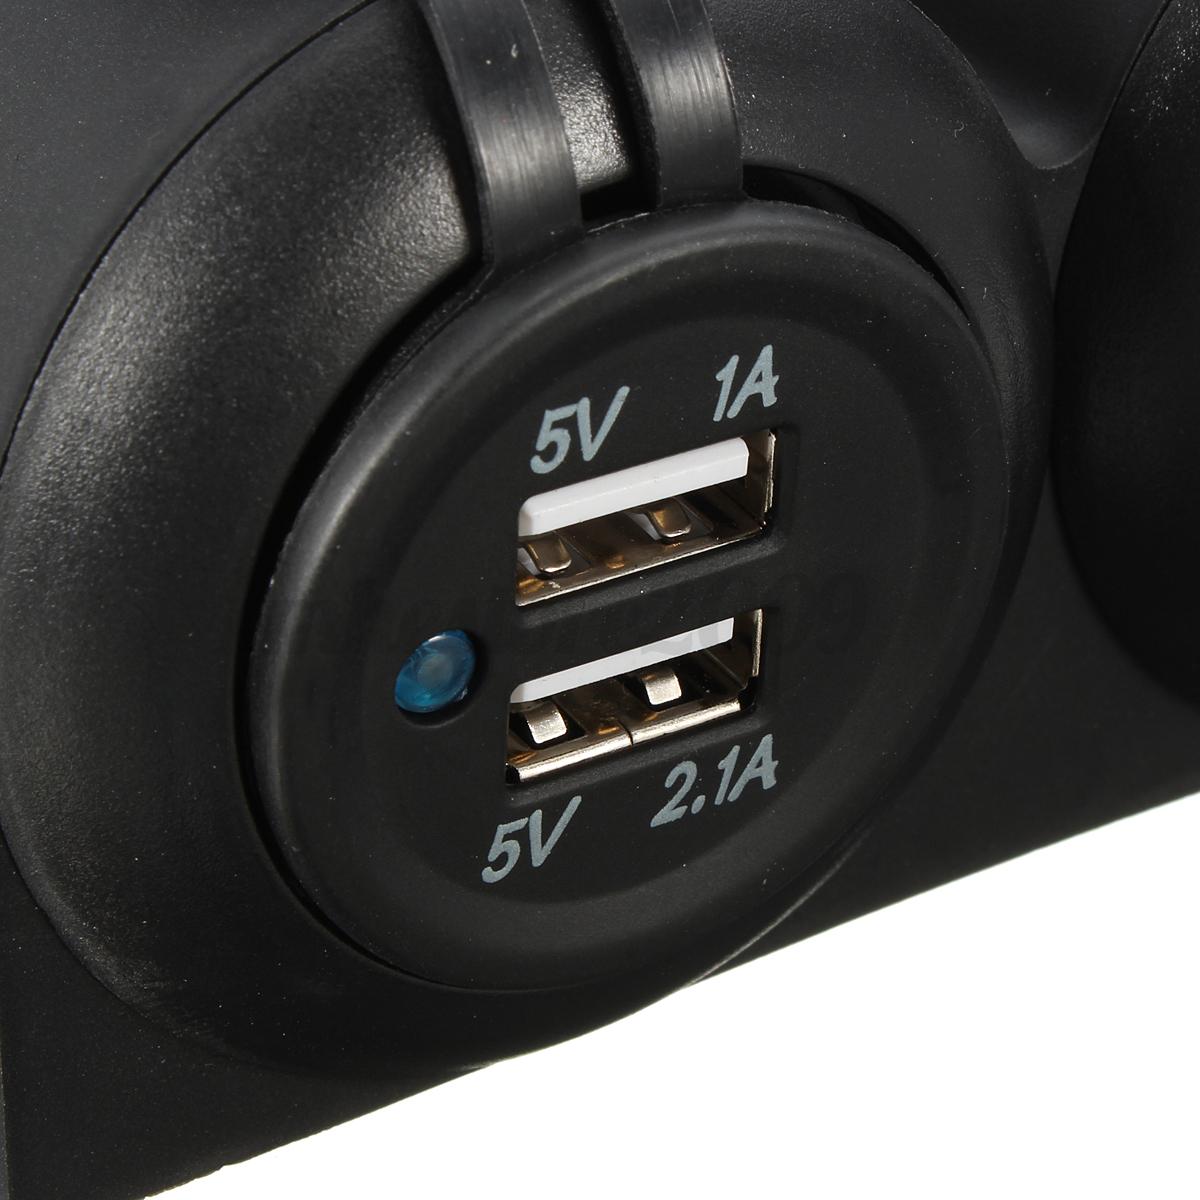 Rv Power Meter : V boat rv marine led voltmeter voltage meter gauge